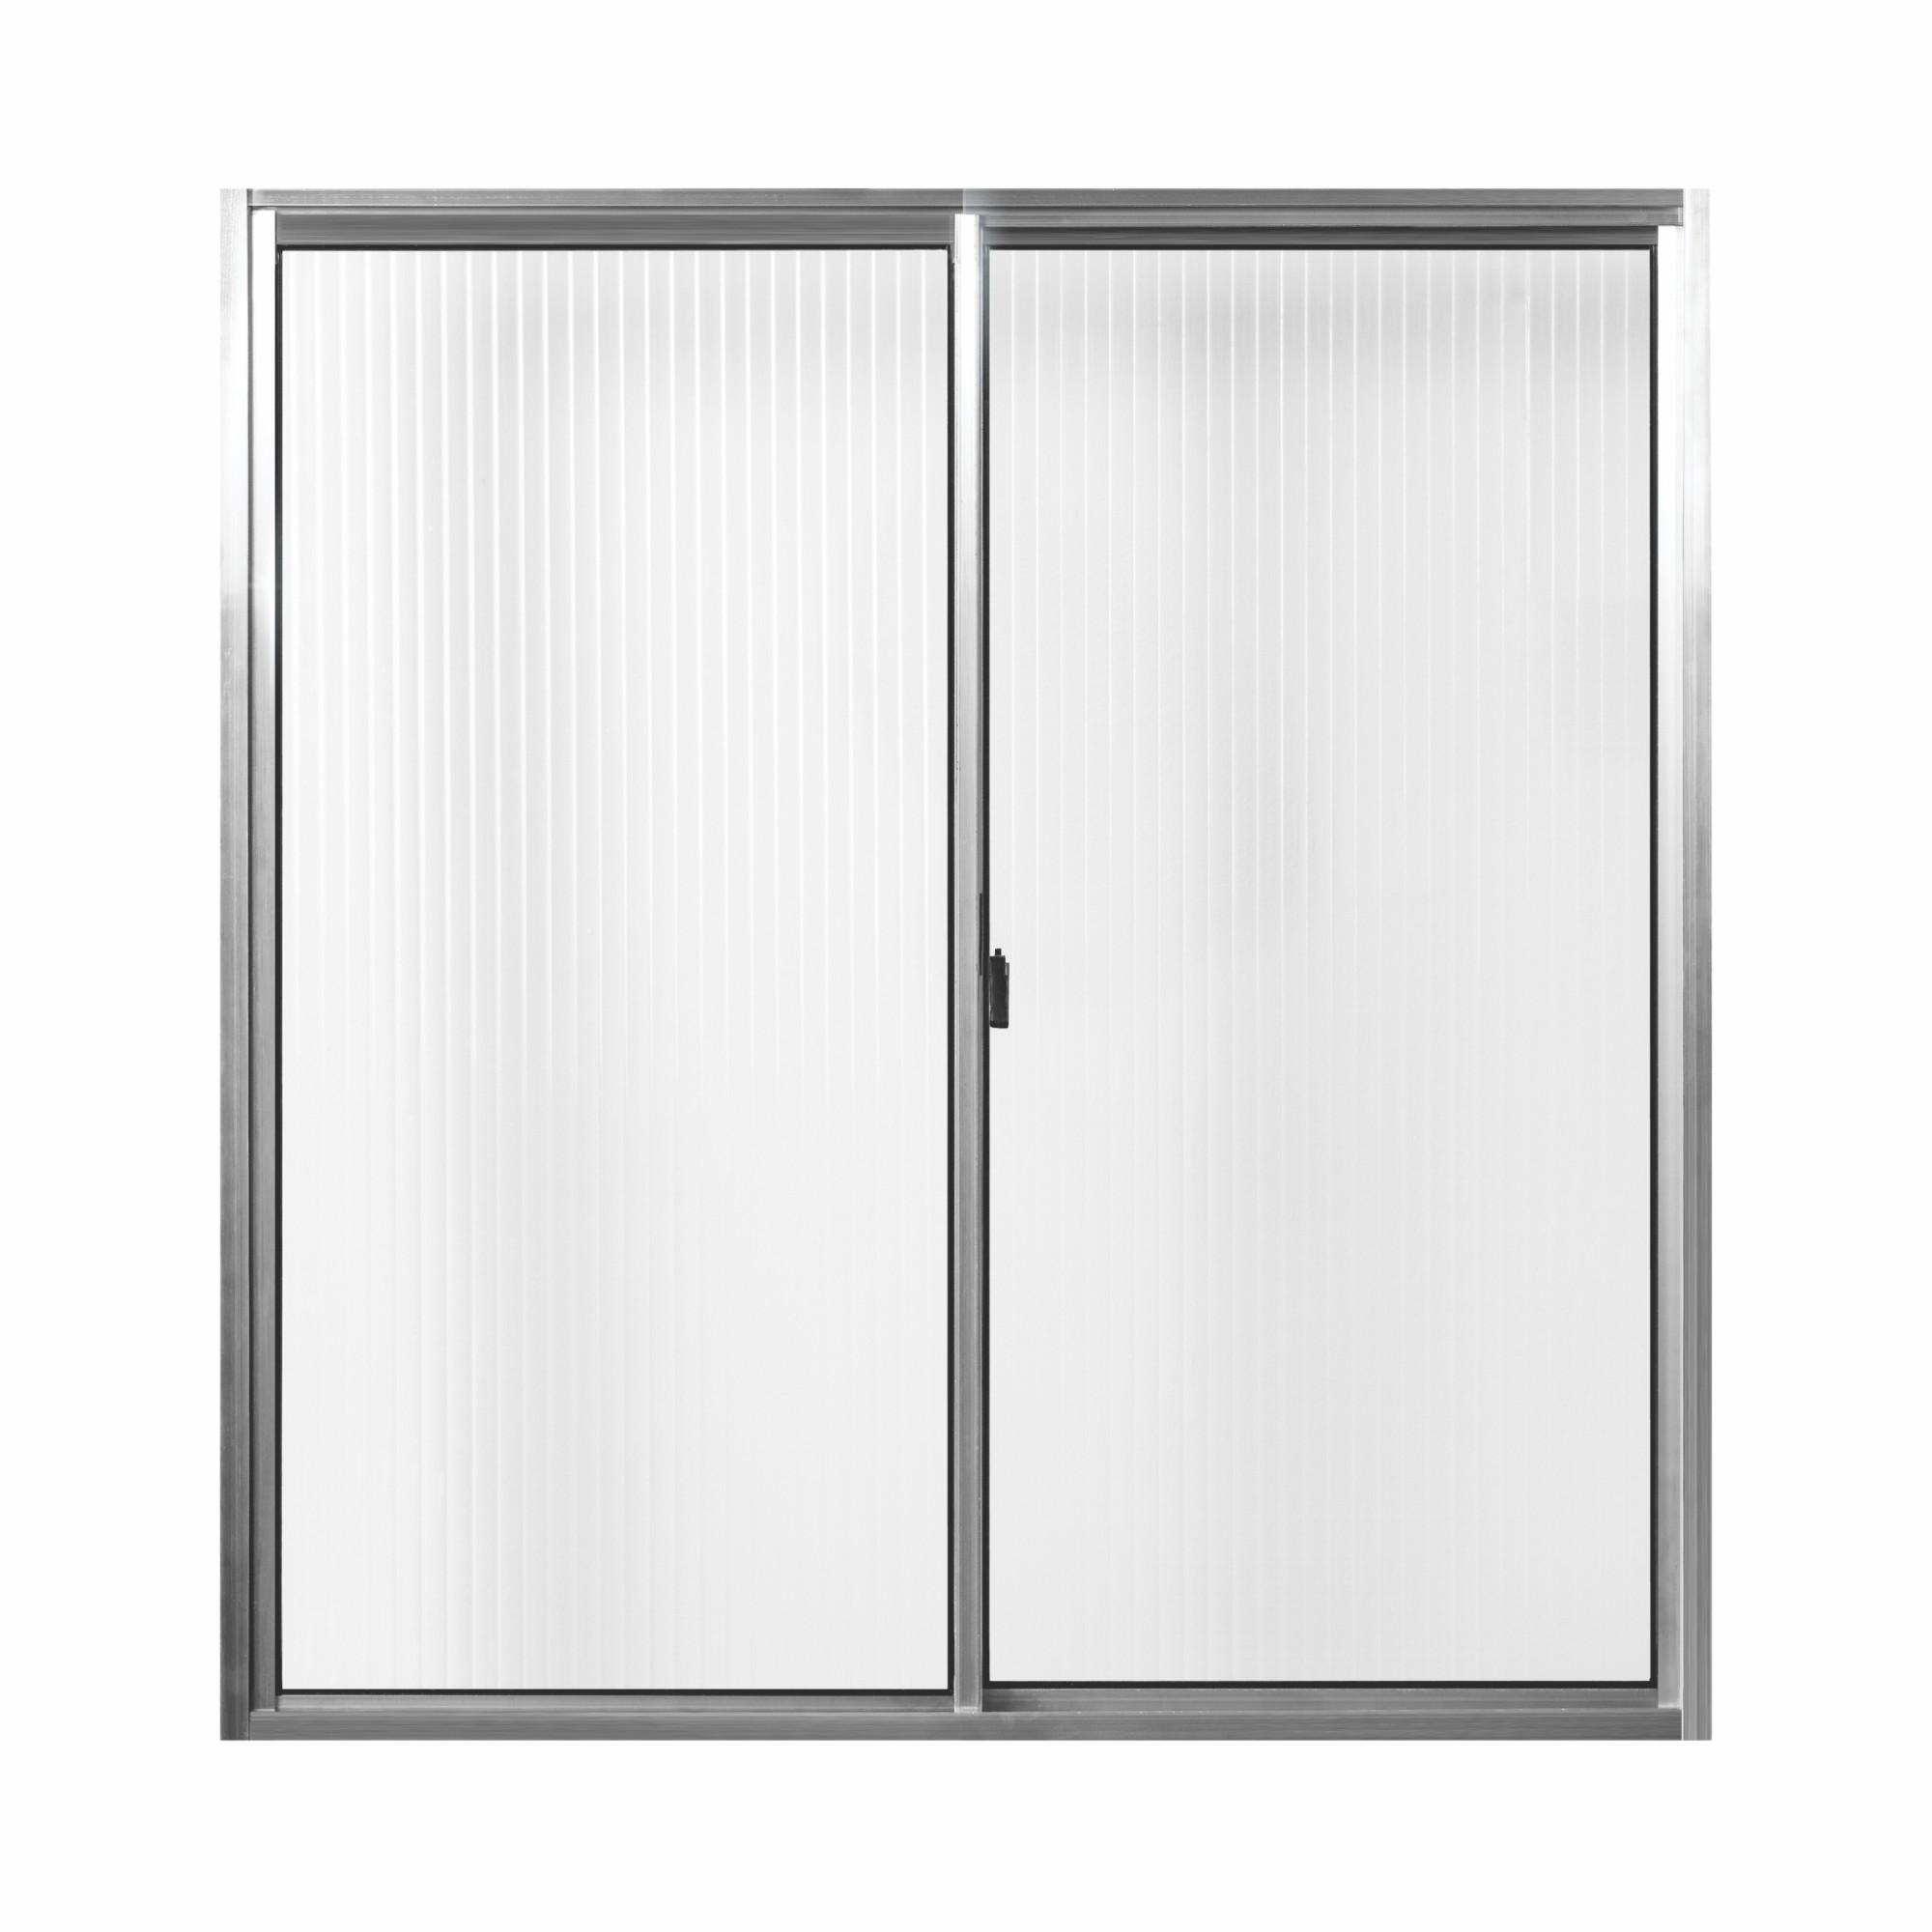 Janela de Correr de Aluminio Vidro Canelado 2 Folhas 100x100 cm - Aluvid